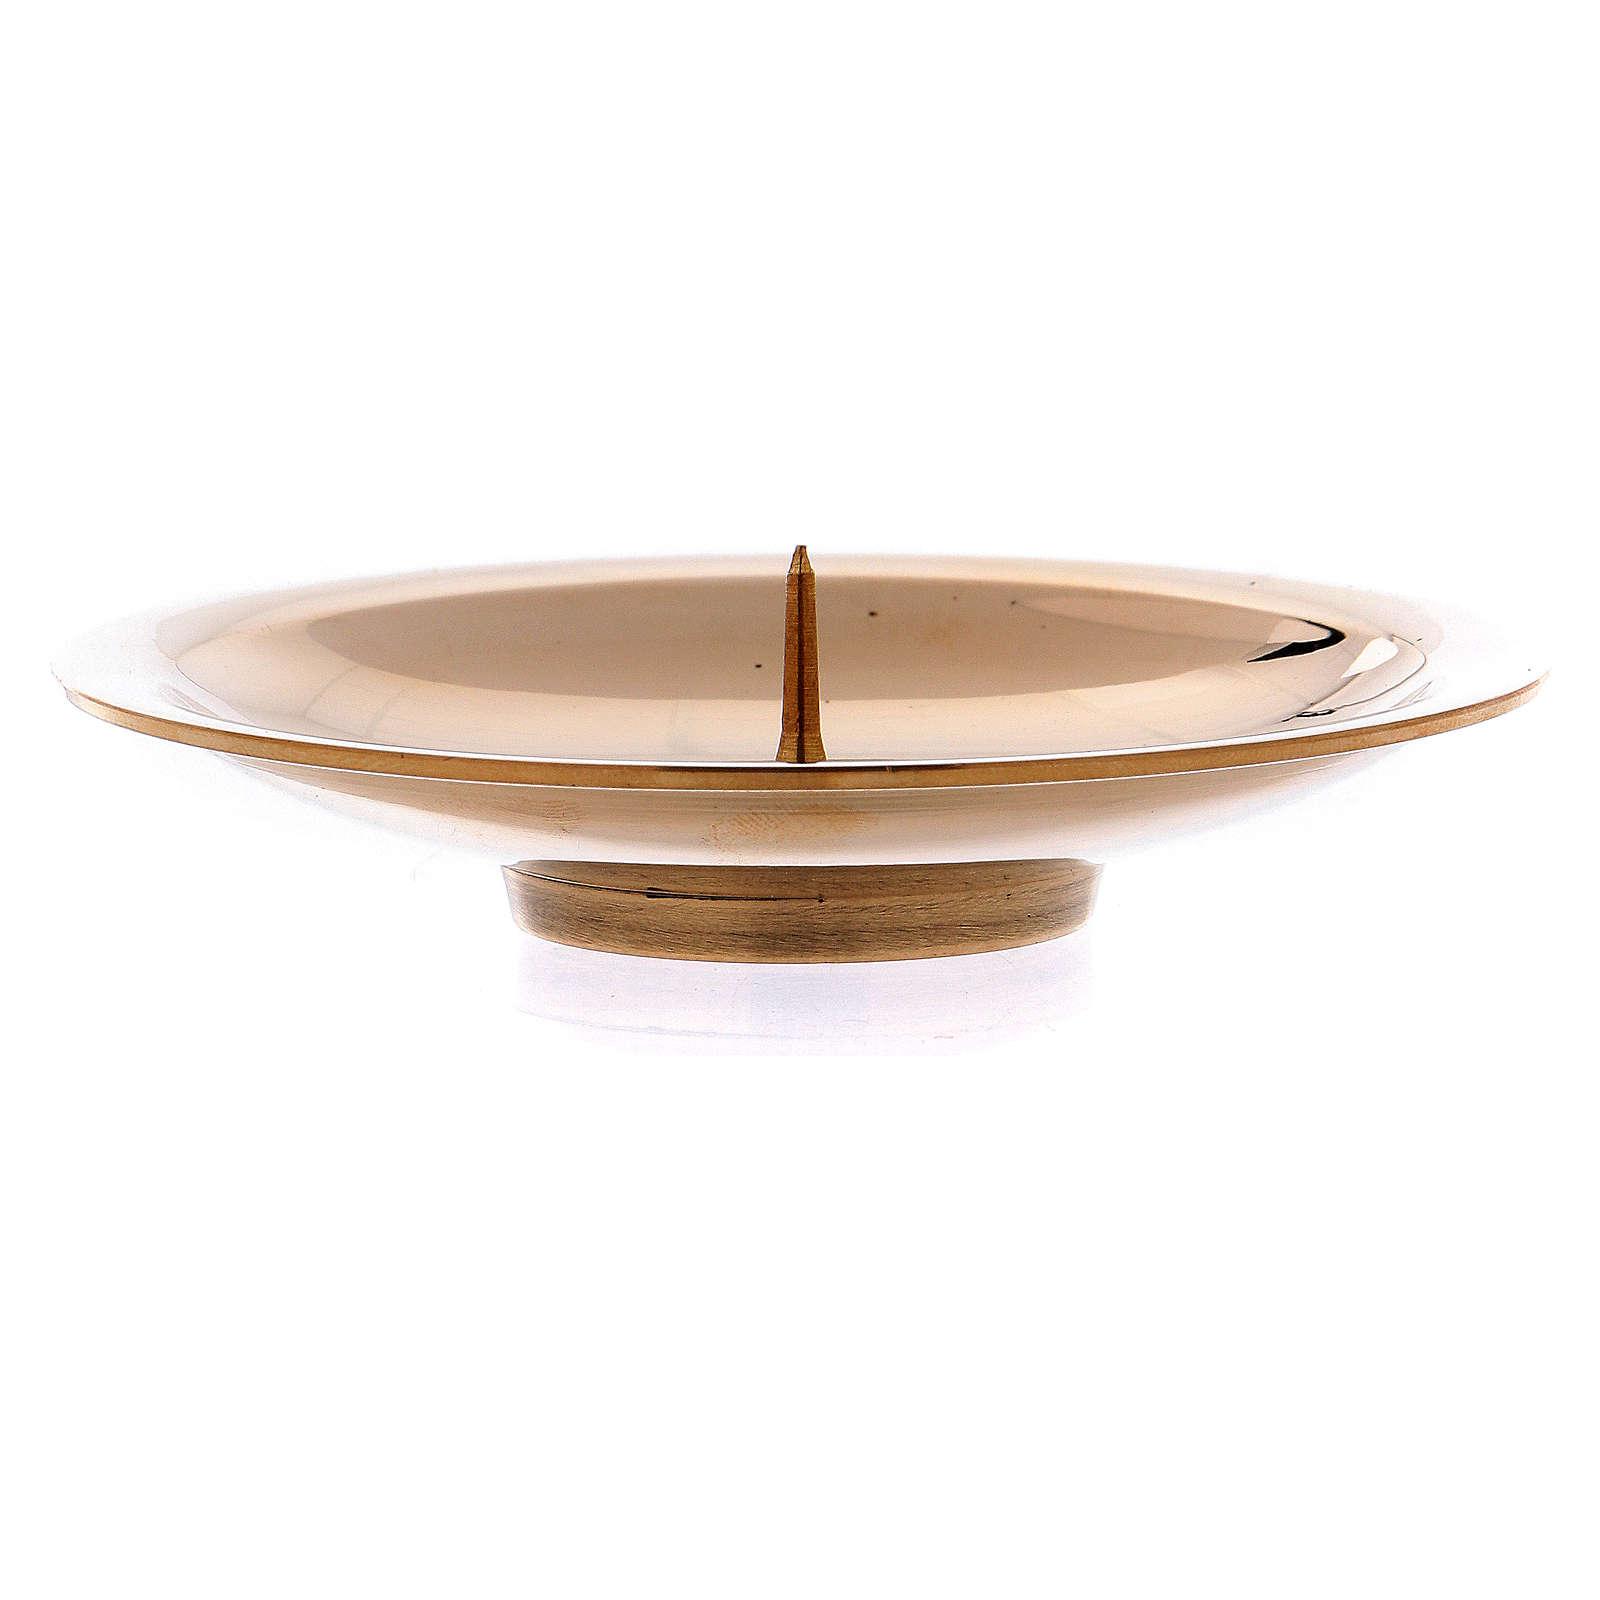 Portacandele spuntone centrale ottone oro lucido 8 cm 4